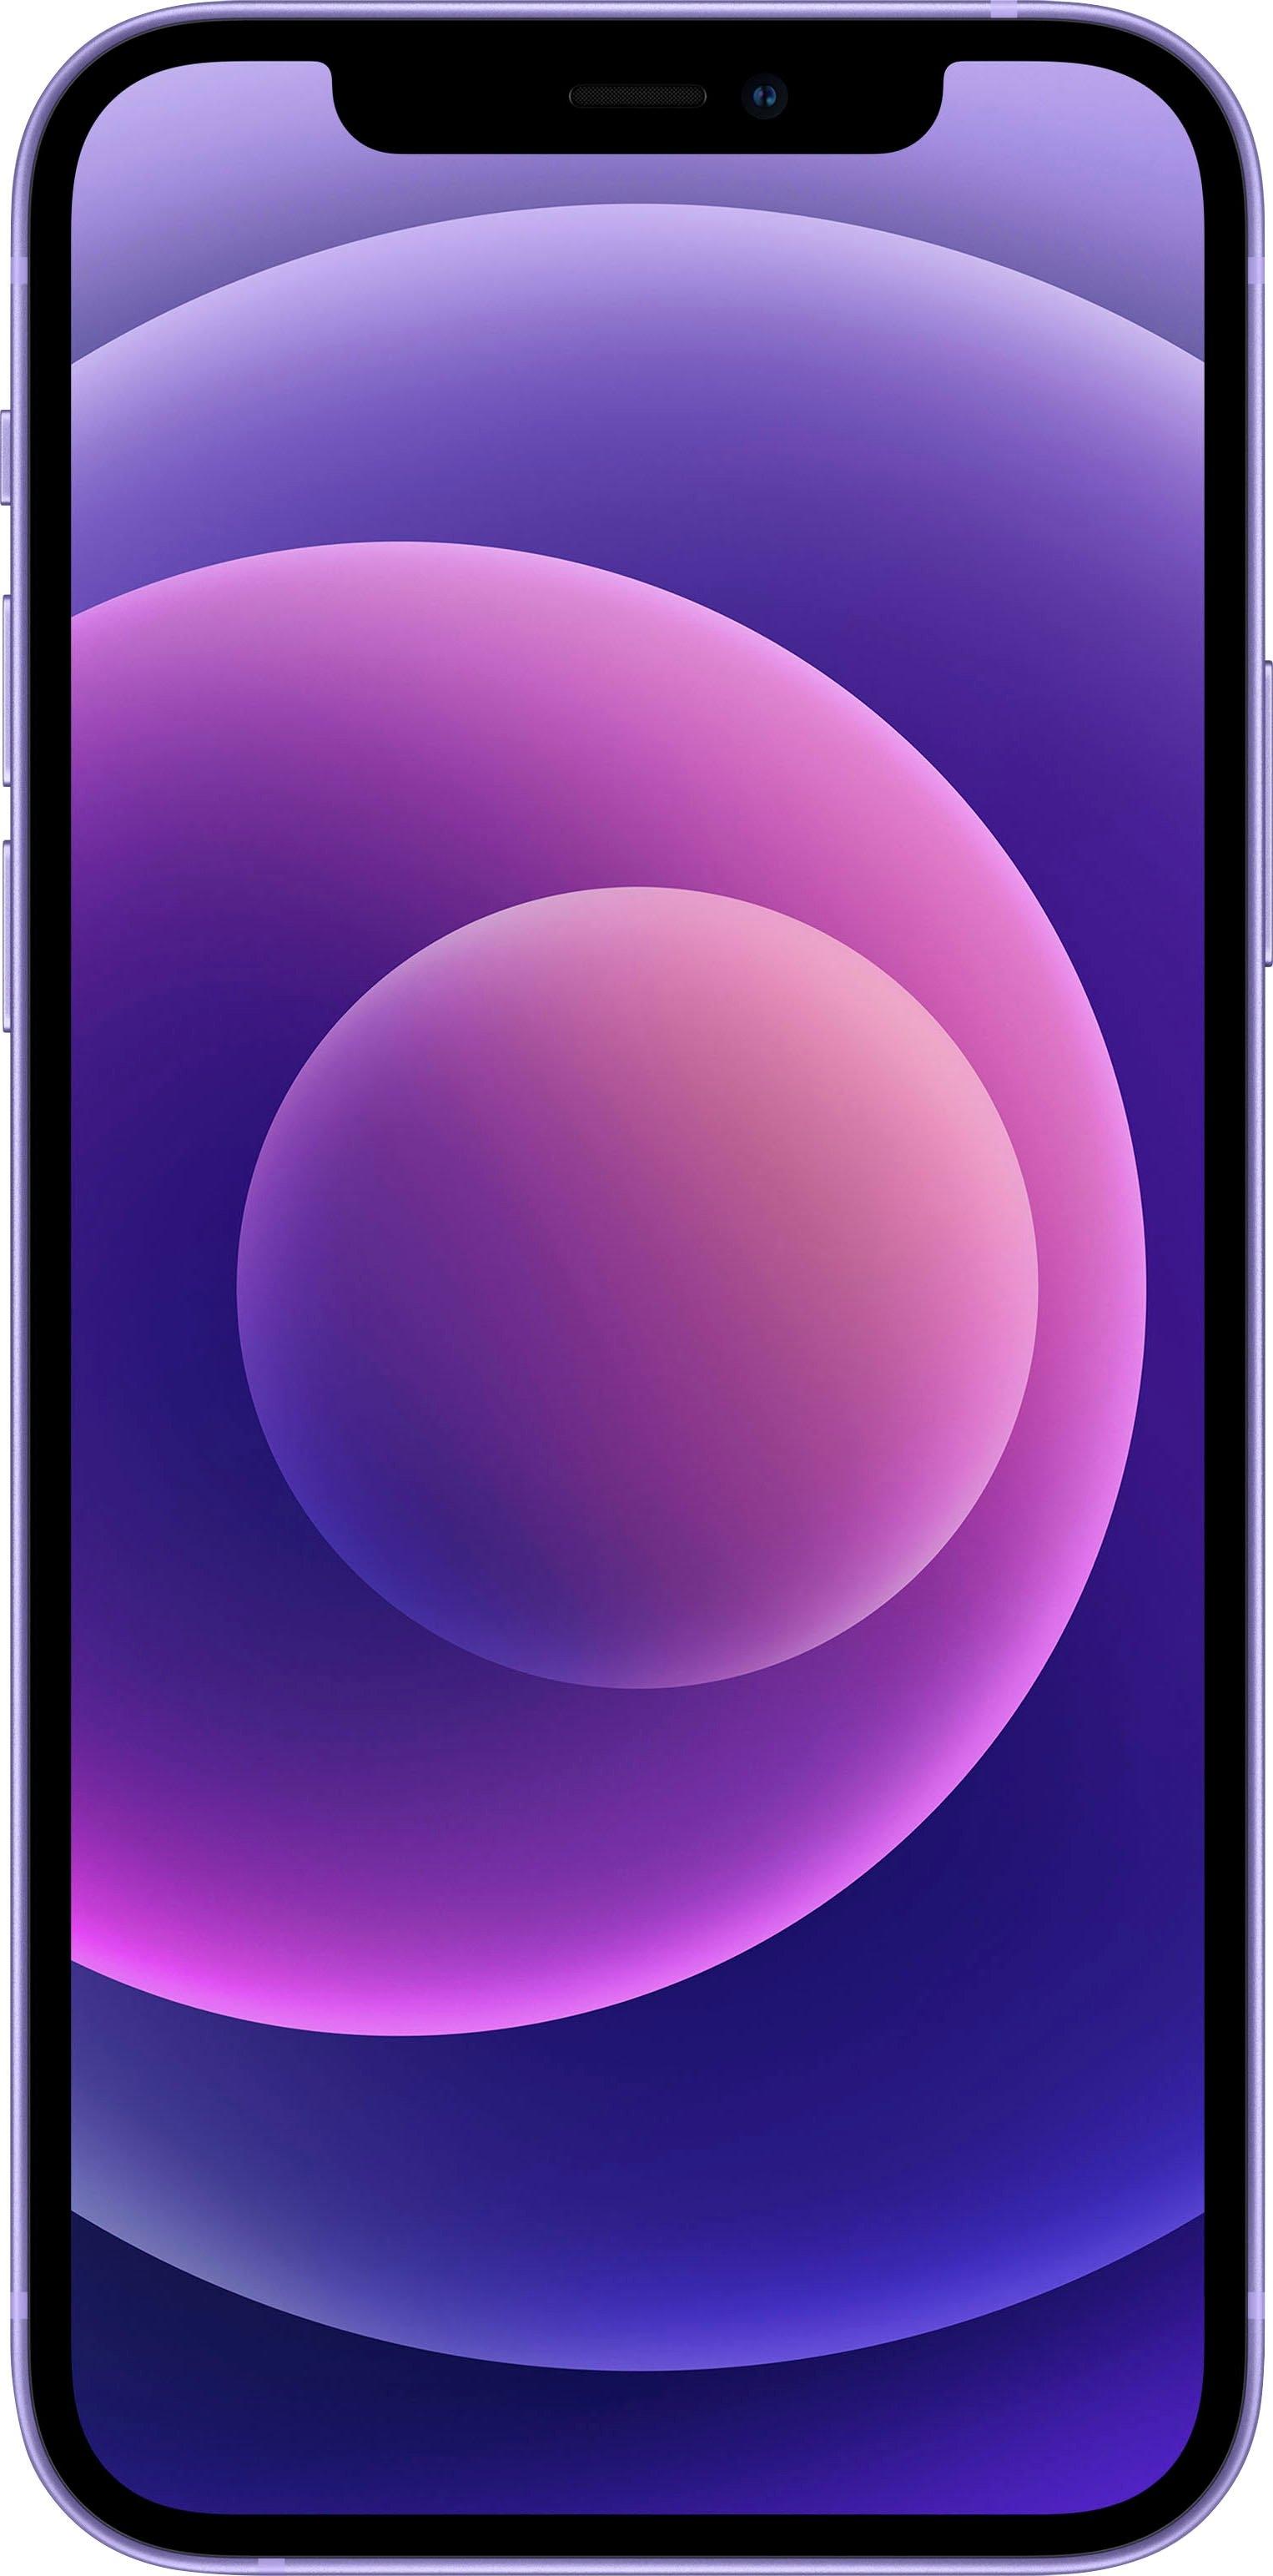 Apple smartphone IPhone 12, 256 GB, zonder stroom-adapter en hoofdtelefoon, compatibel met airpods, airpods pro, earpods hoofdtelefoon bij OTTO online kopen